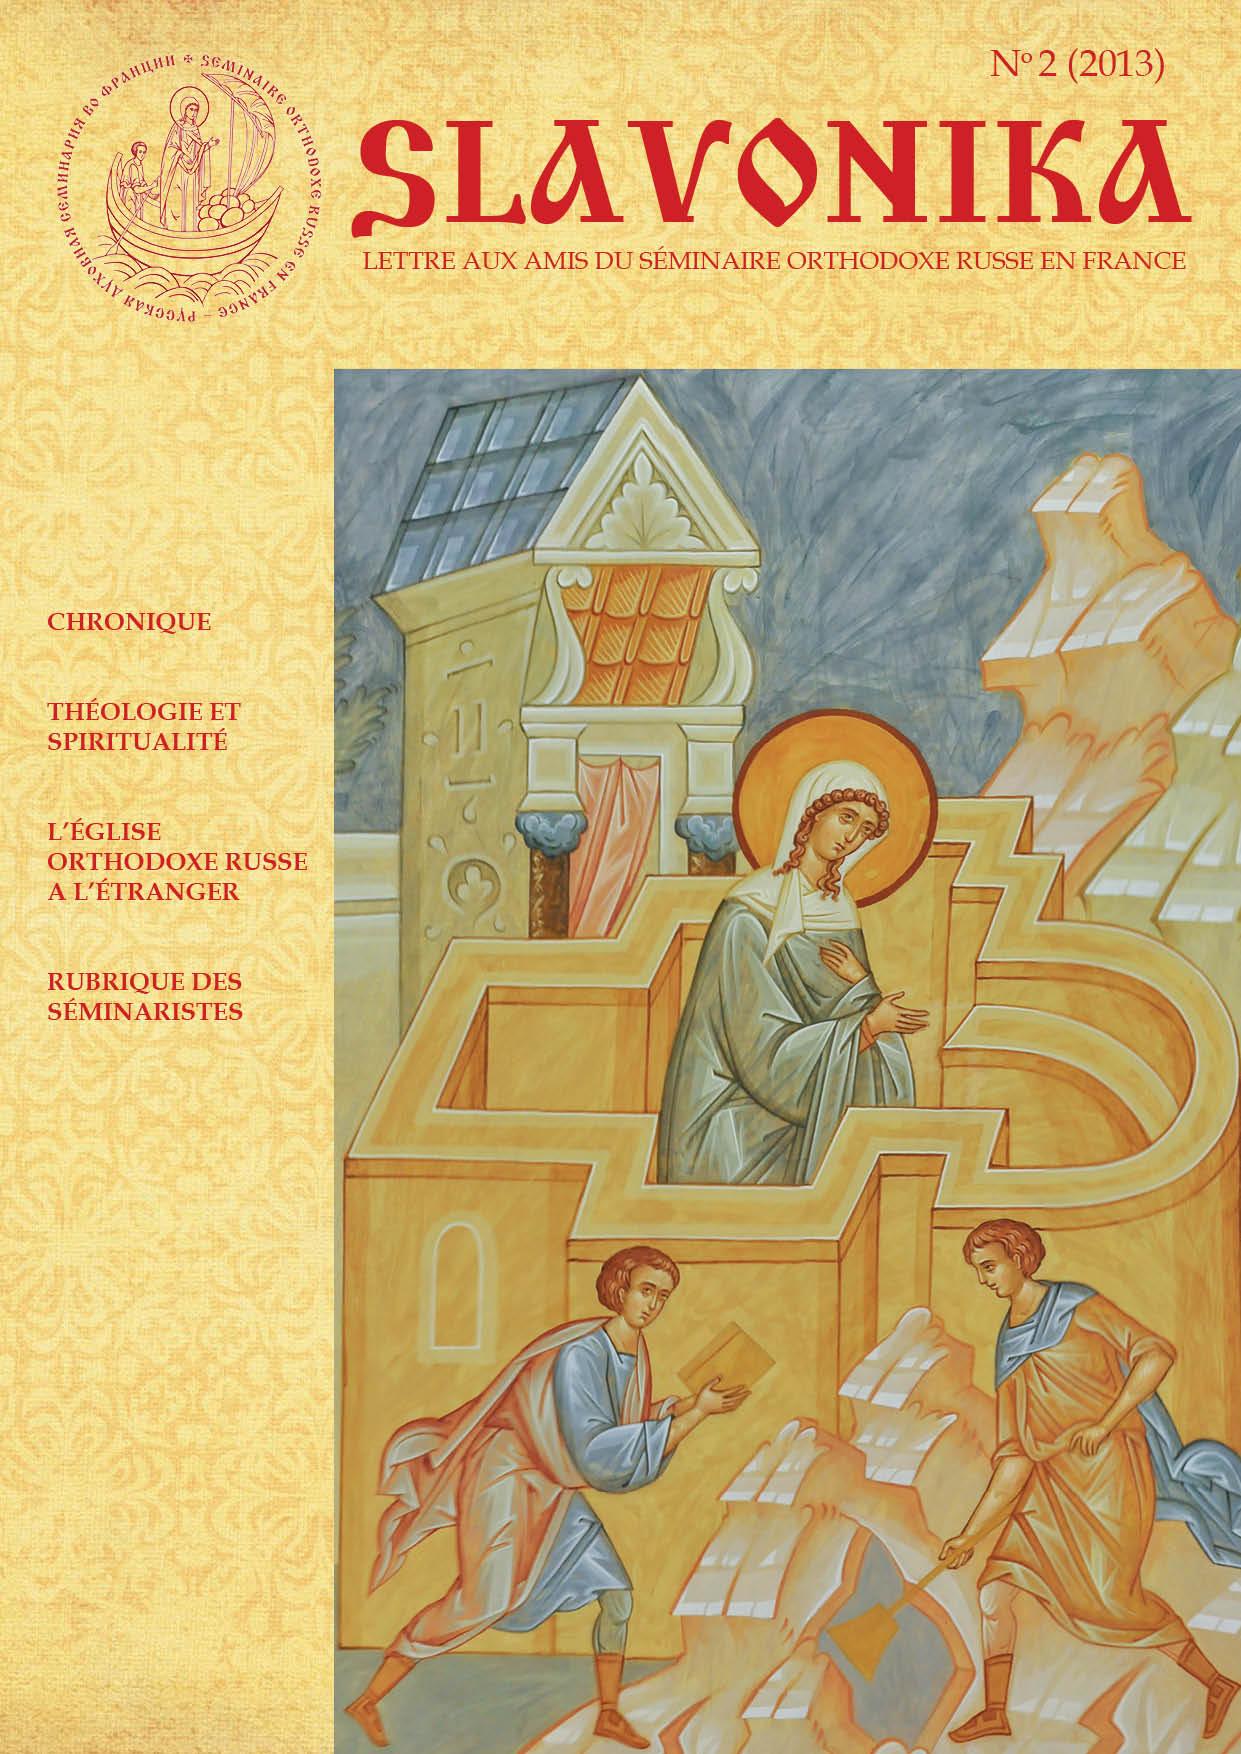 A télécharger: la version électronique intégrale de notre revue SLAVONIKA 2013